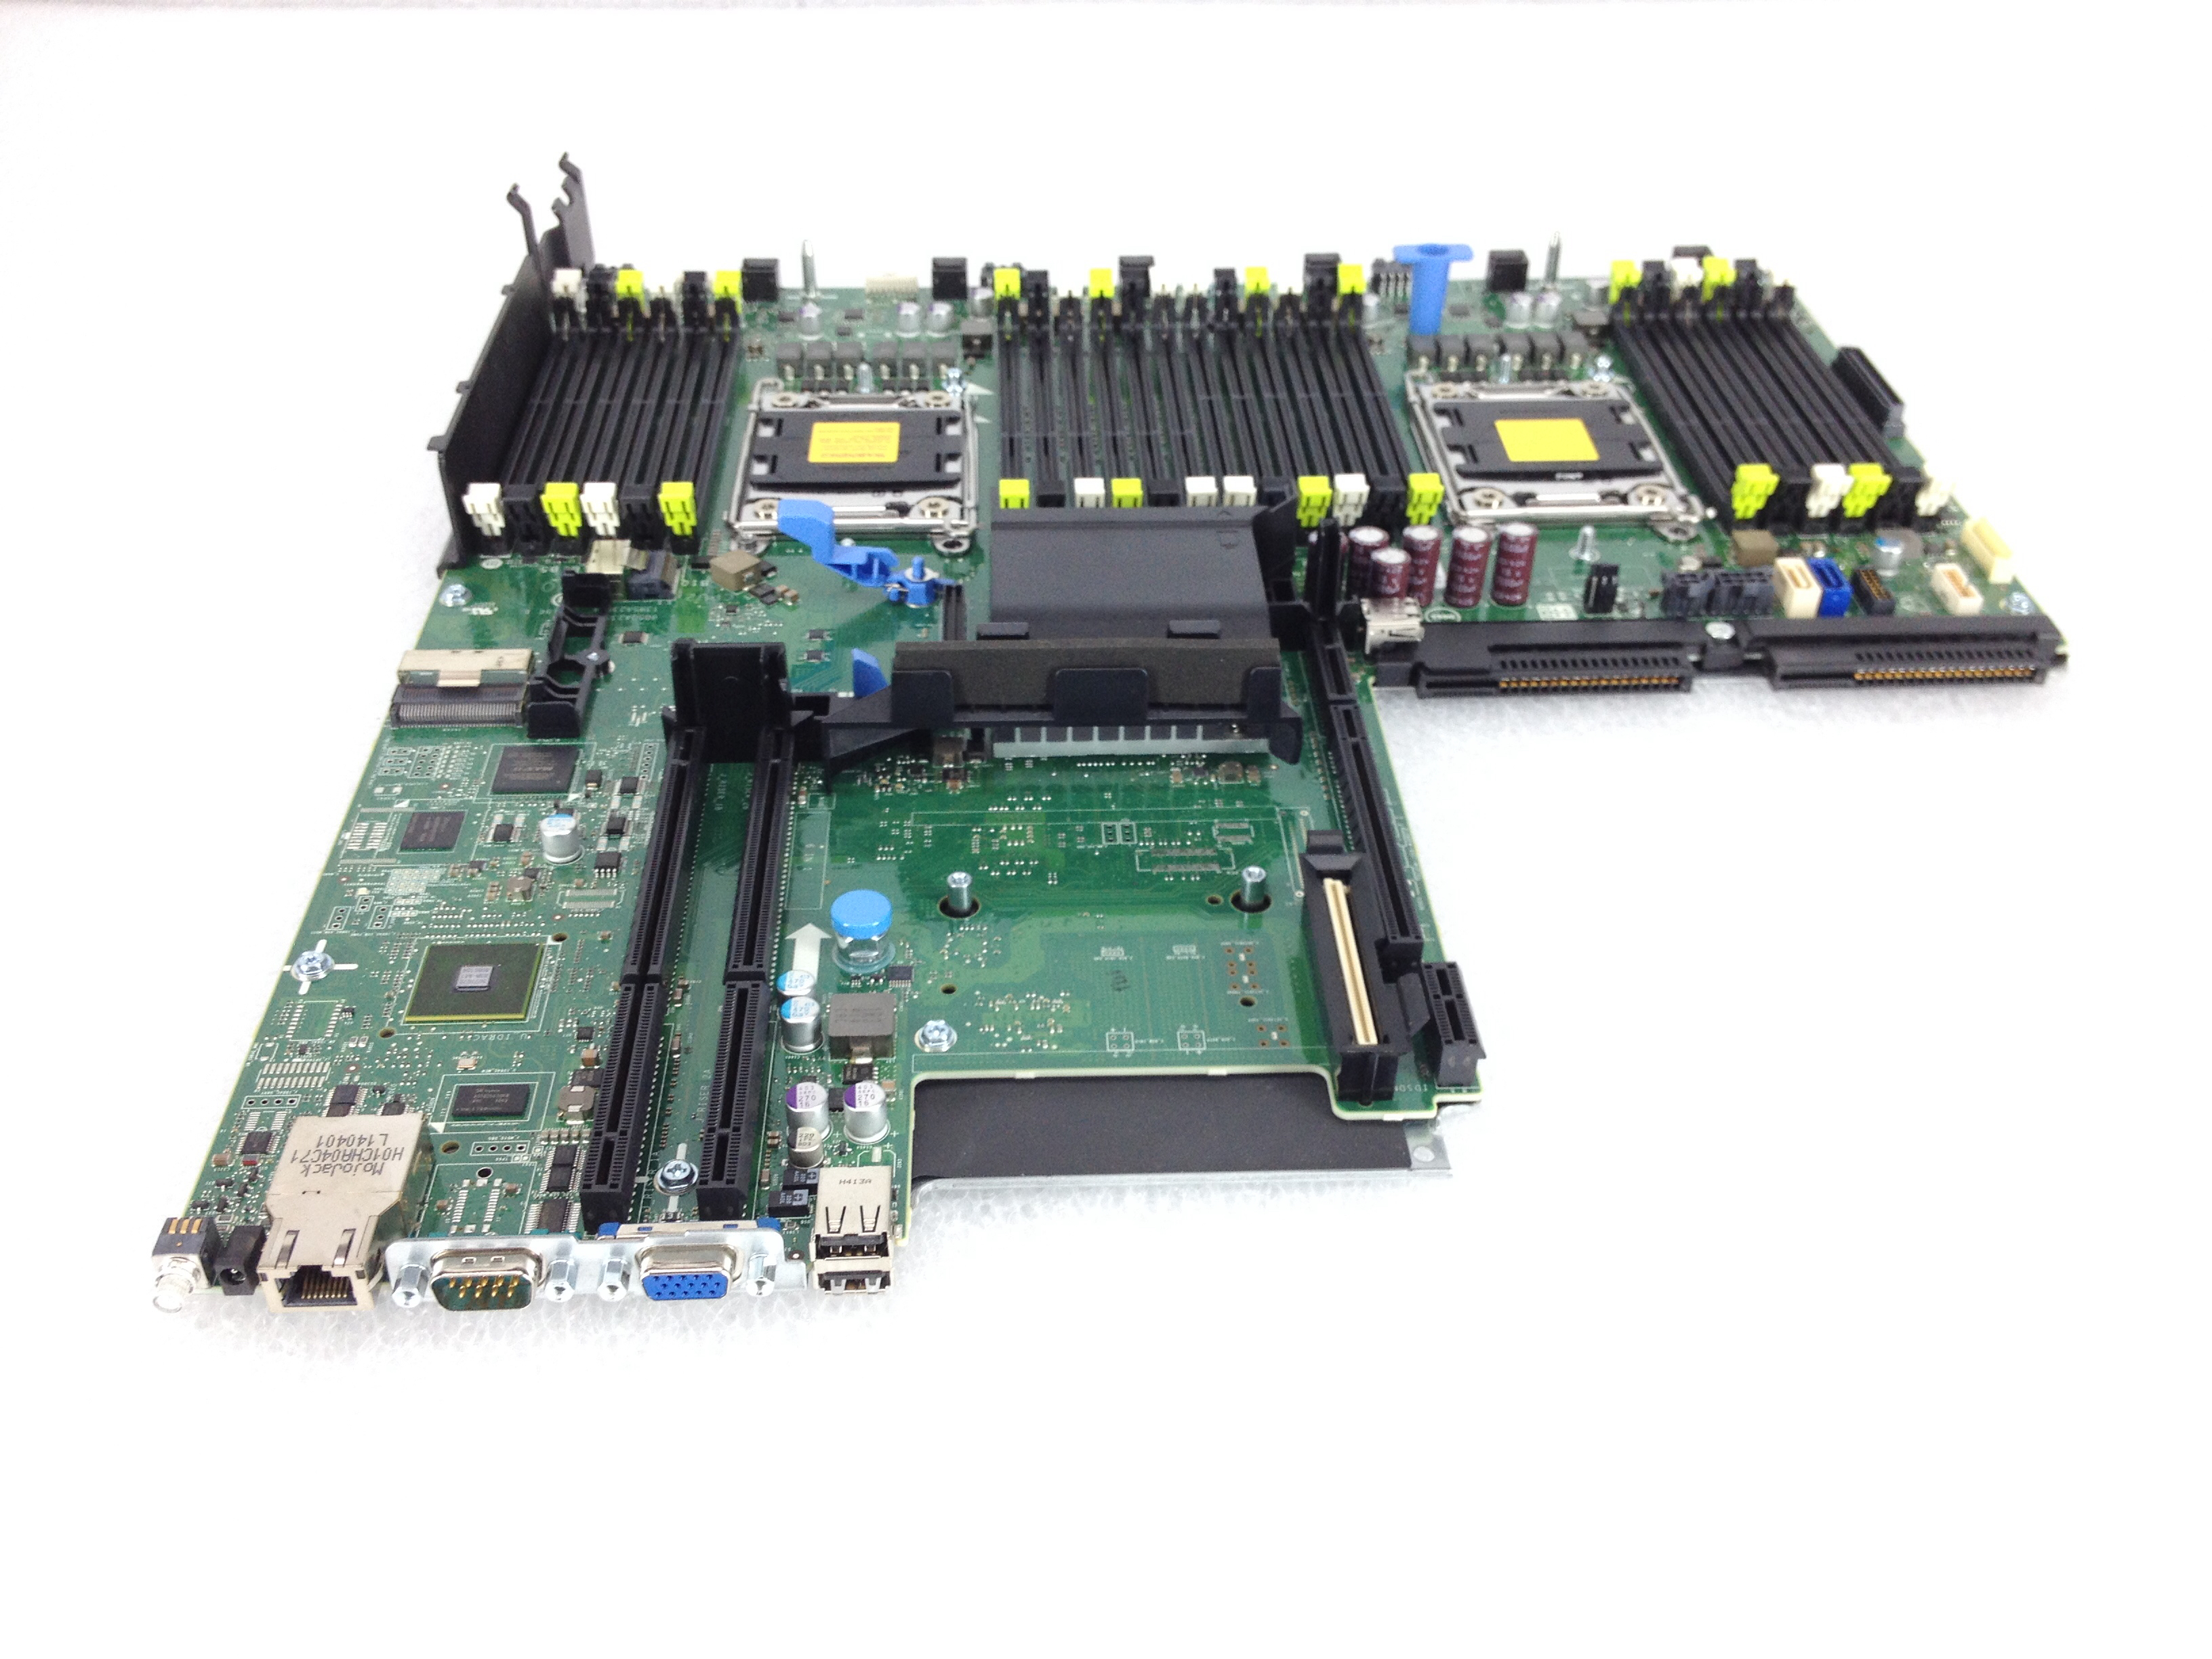 Dell PowerEdge R720 24 DIMMs Dual Socket LGA2011 System Board (X3D66)